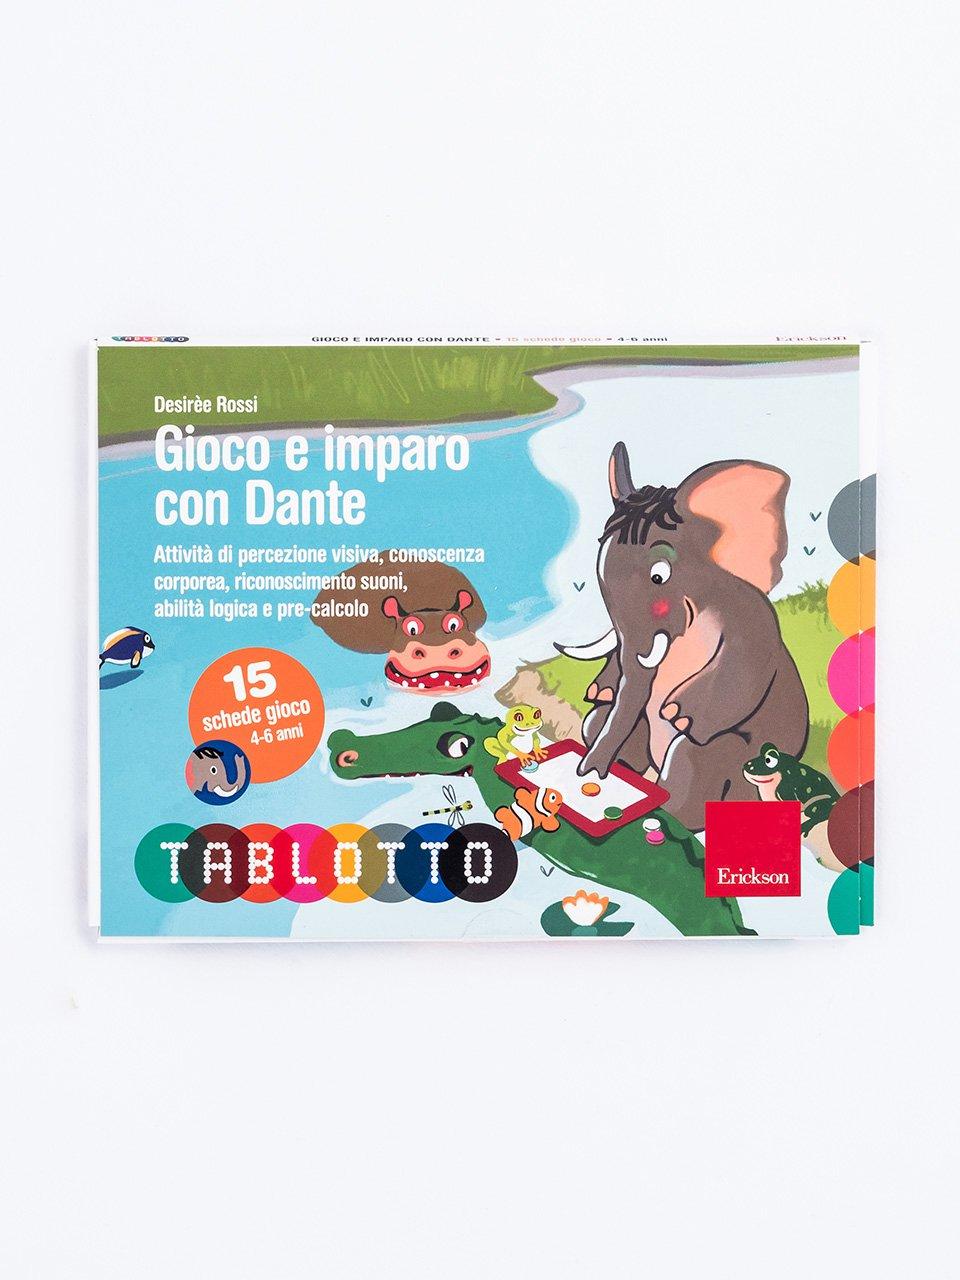 Schede per Tablotto (4-6 anni) - Gioco e imparo con Dante - Schede per Tablotto (4-6 anni) - Gioco e imparo co - Giochi - Erickson